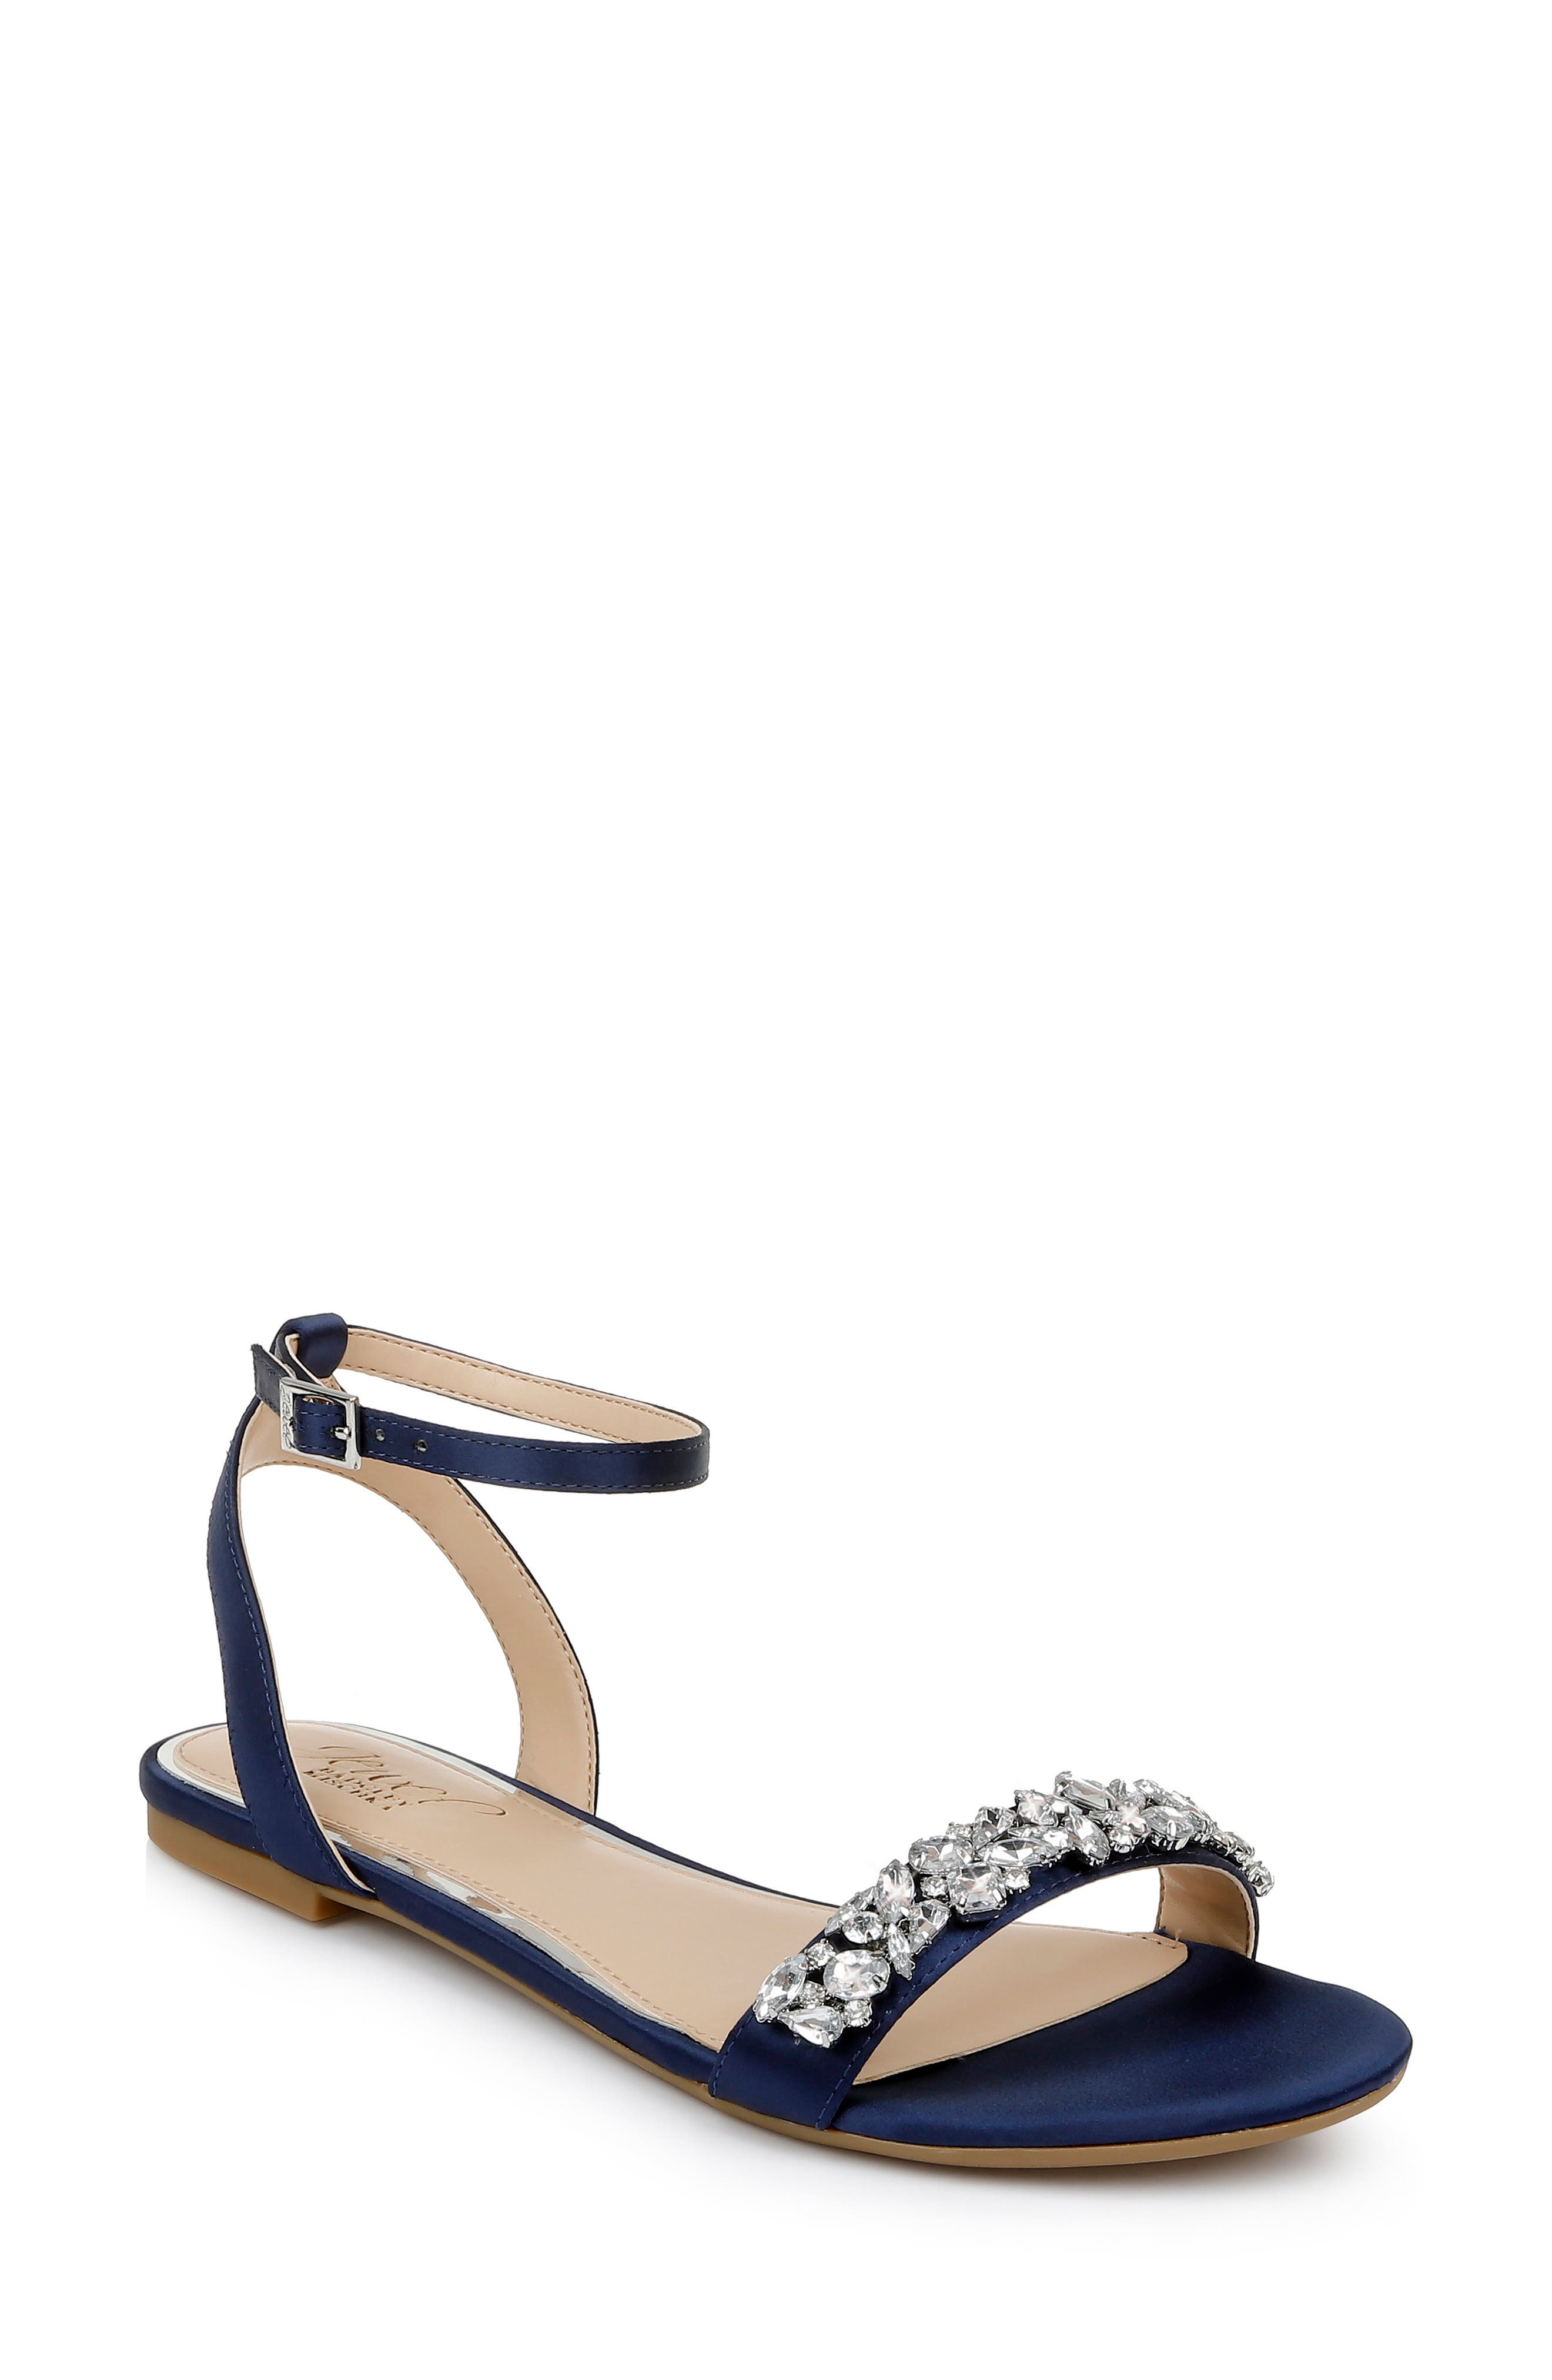 Ohara Ankle Strap Sandal